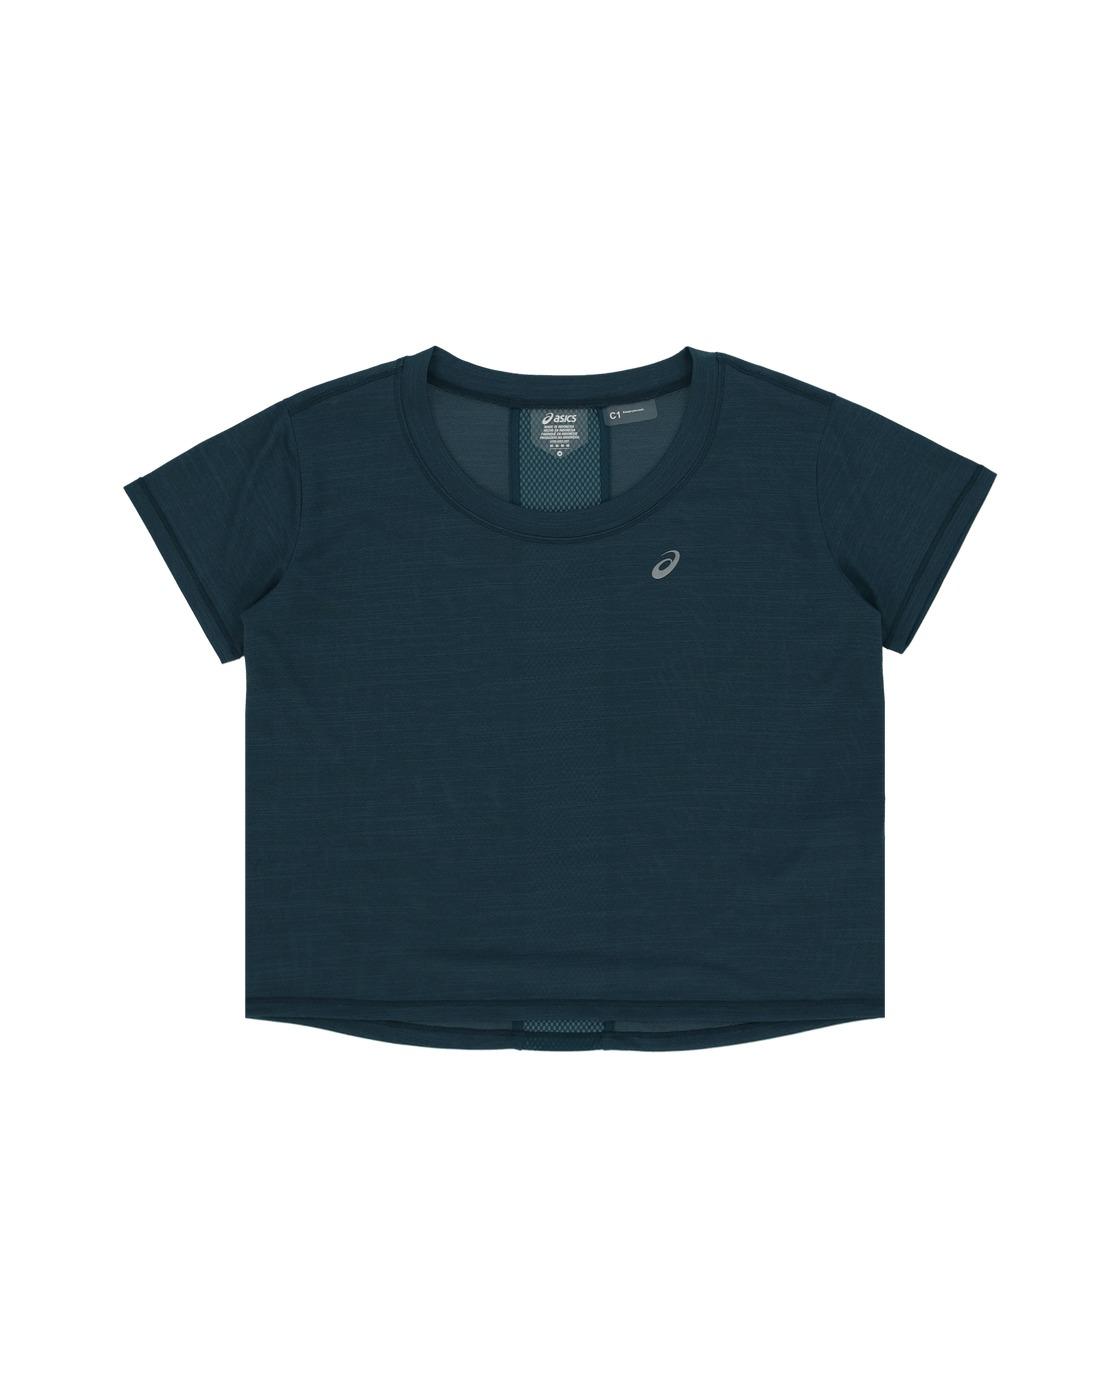 Asics Race Crop T Shirt Magnetic Blue